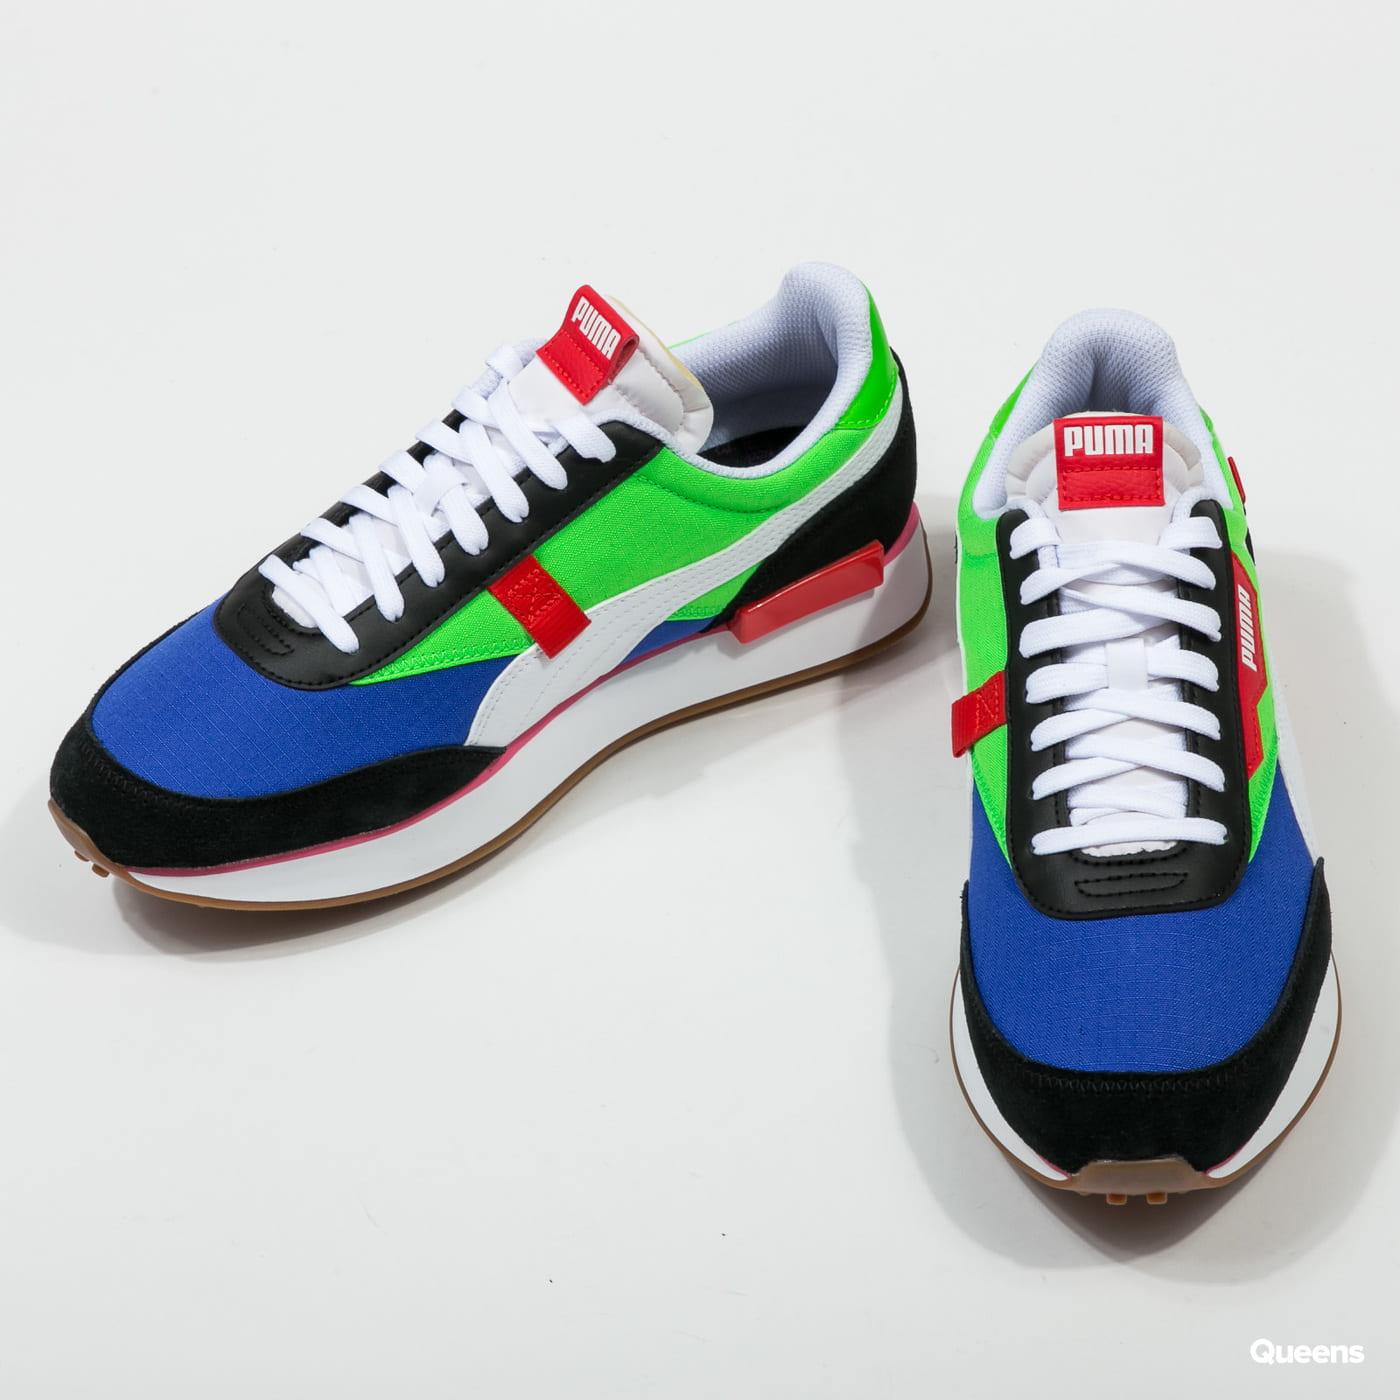 nuevo estilo de 2019 estilo moderno precios grandiosos Sneakers Puma Future Rider Play On puma black - fluo green ...